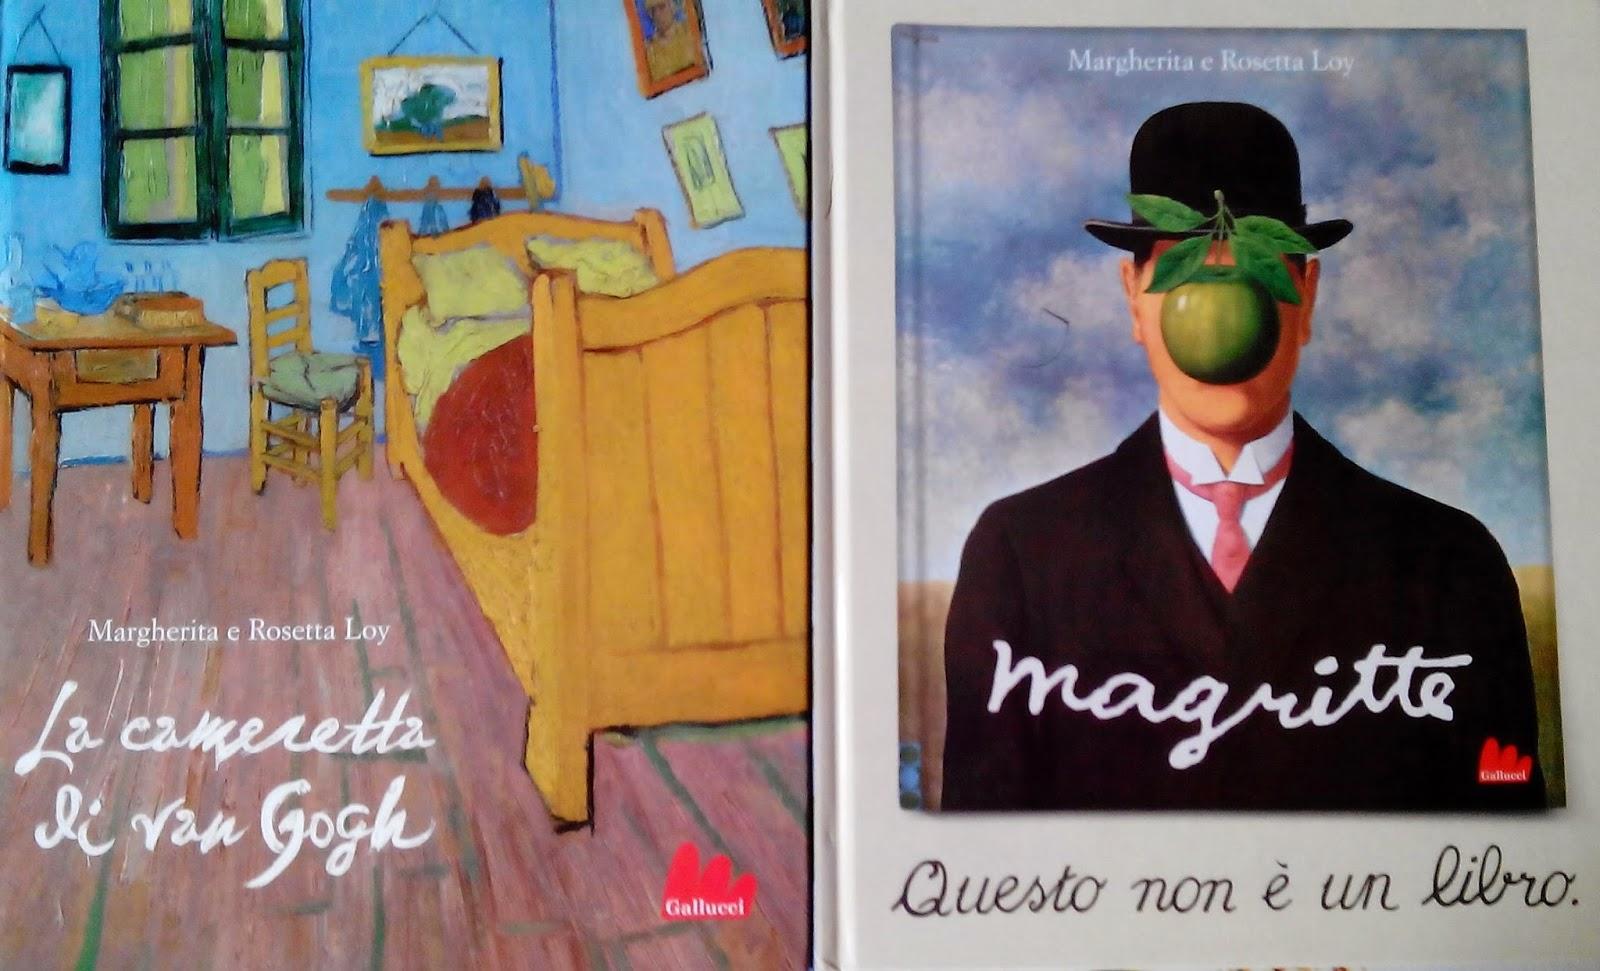 Bambini e arte la cameretta di van gogh e magritte questo non un libro figli moderni - Quadri per camera bambini ...